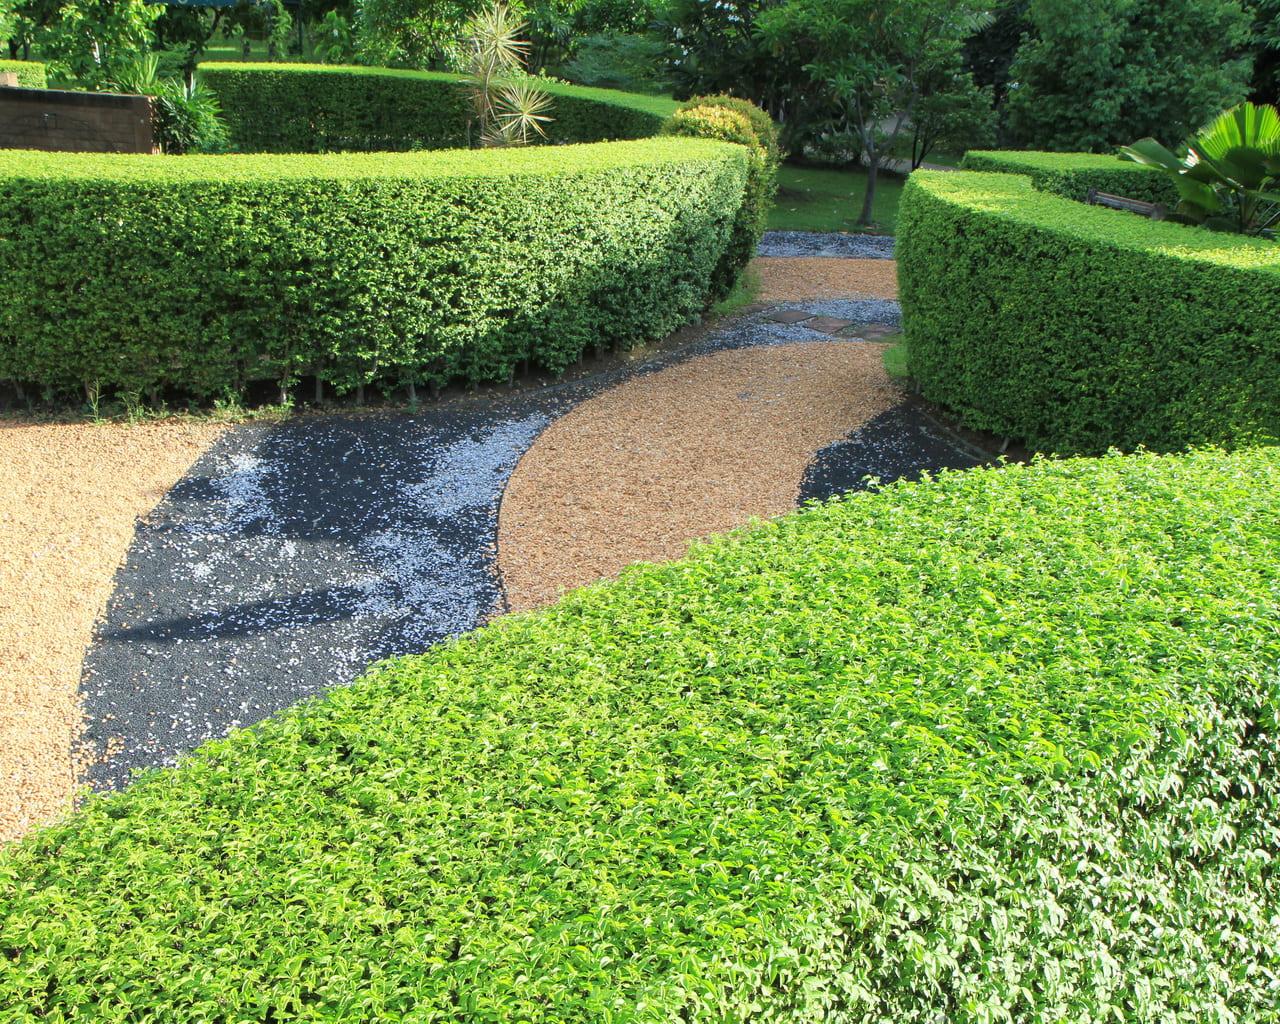 Räume schaffen durch Hecken, Garten mit Hecken strukturieren